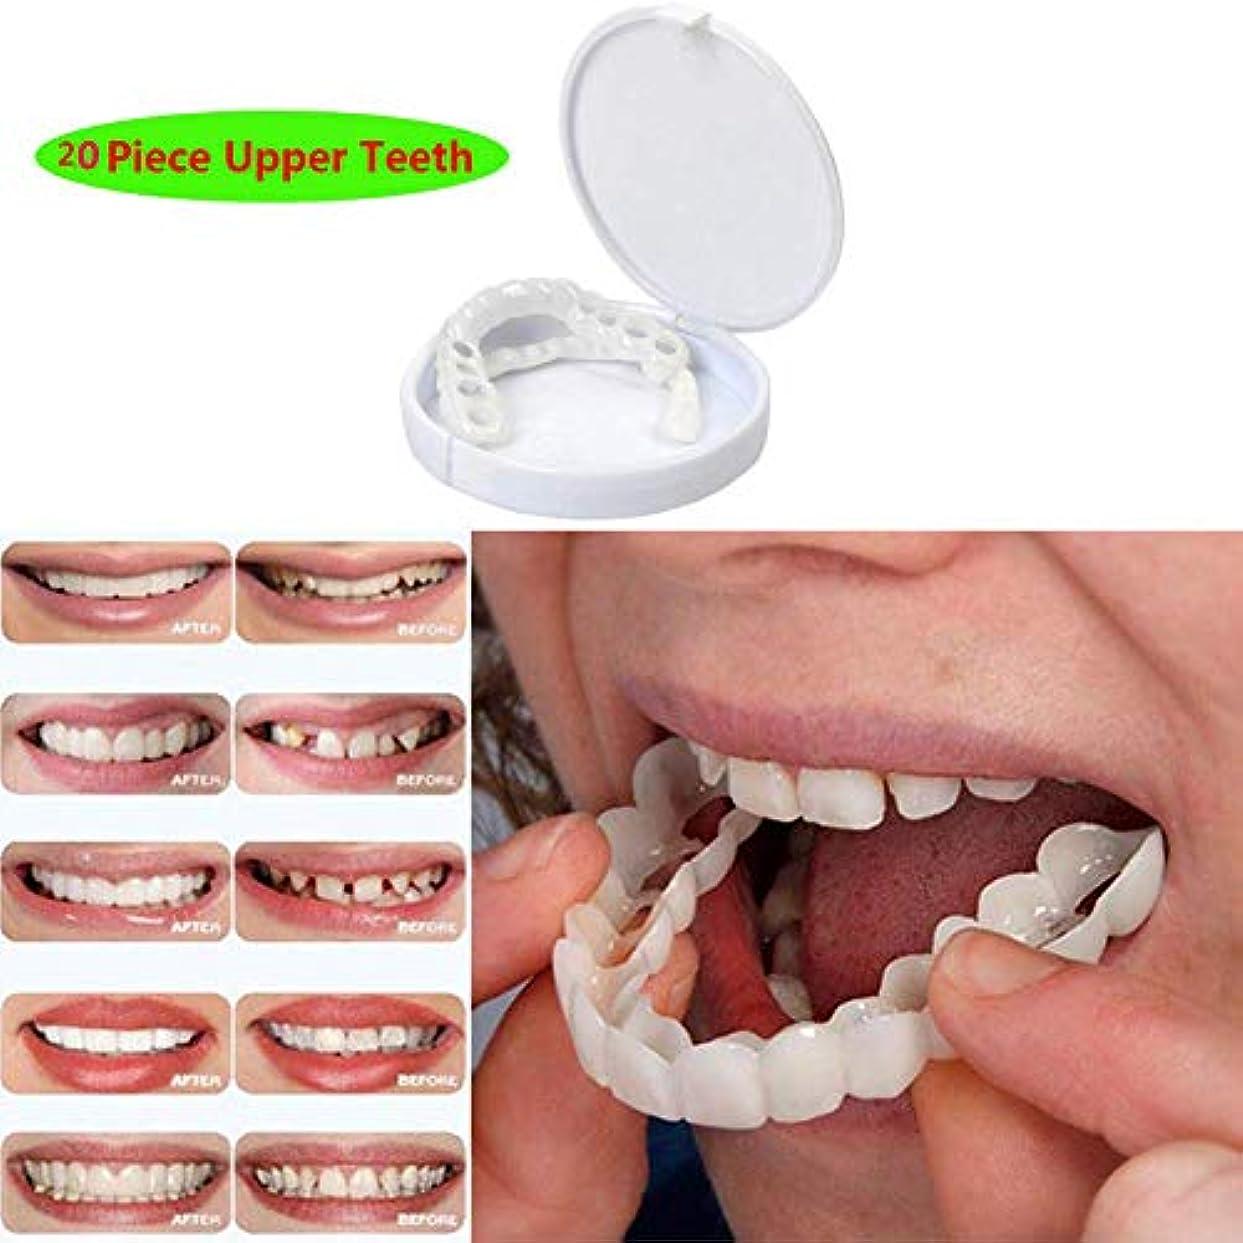 原油神経障害消す一時的な化粧品の歯義歯の歯快適な屈曲を完全に白くする化粧品の模倣された上部の支柱わずかな分のベニヤ、20PCS上部の歯